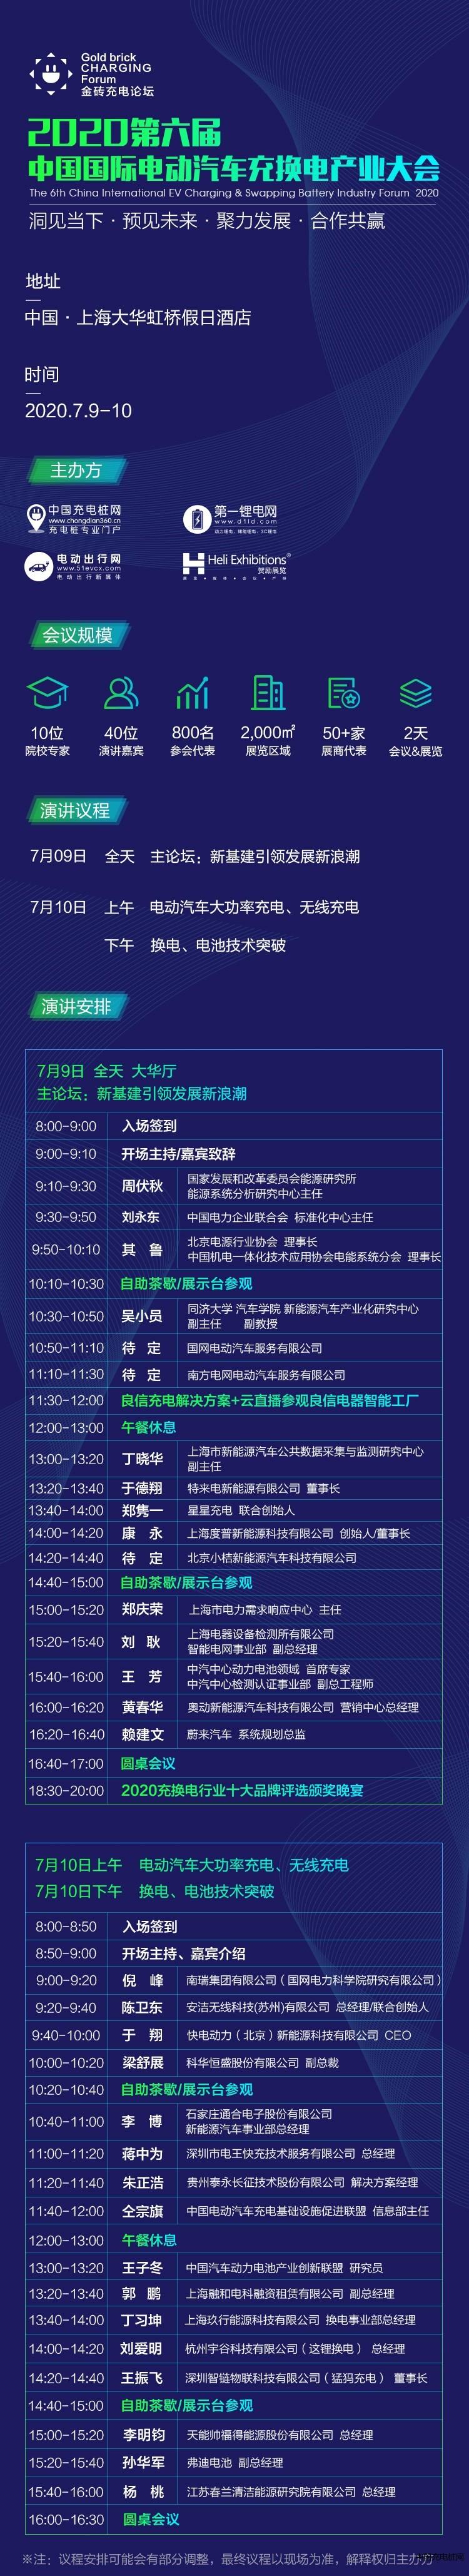 2020第六届中国国际电动汽车充换电产业大会议程---new---